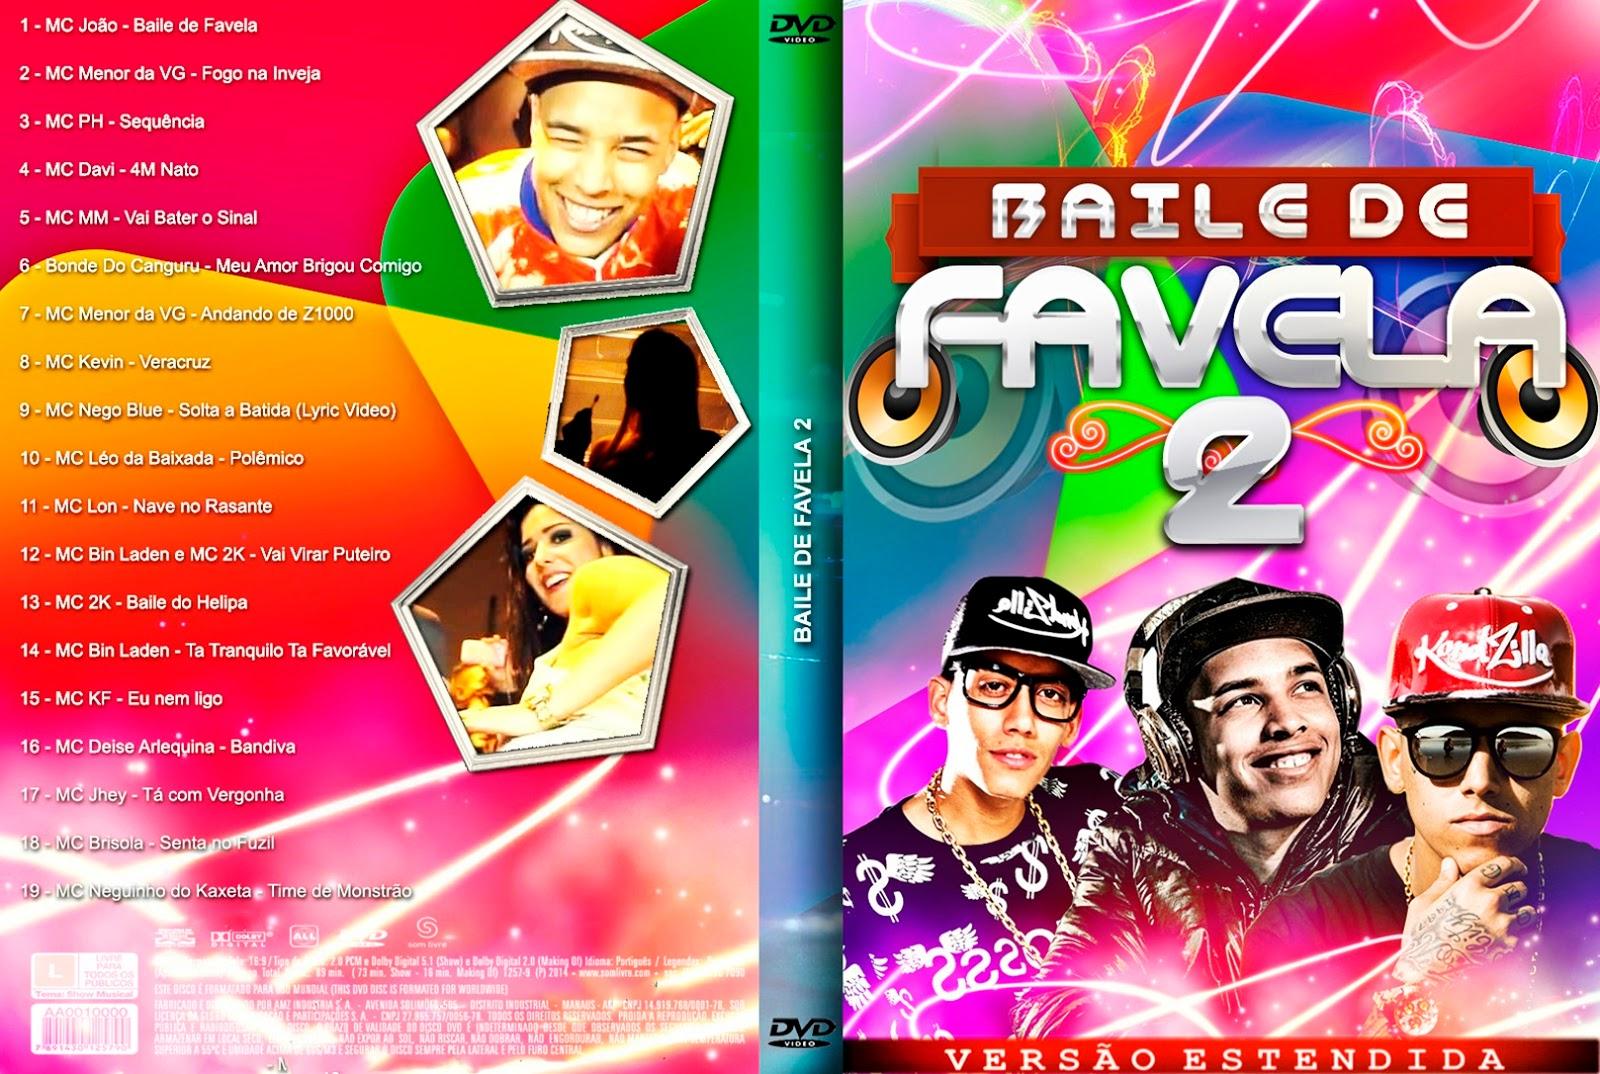 Download Baile De Favela Vol.2 DVD-R Baile 2BDe 2BFavela 2BVol